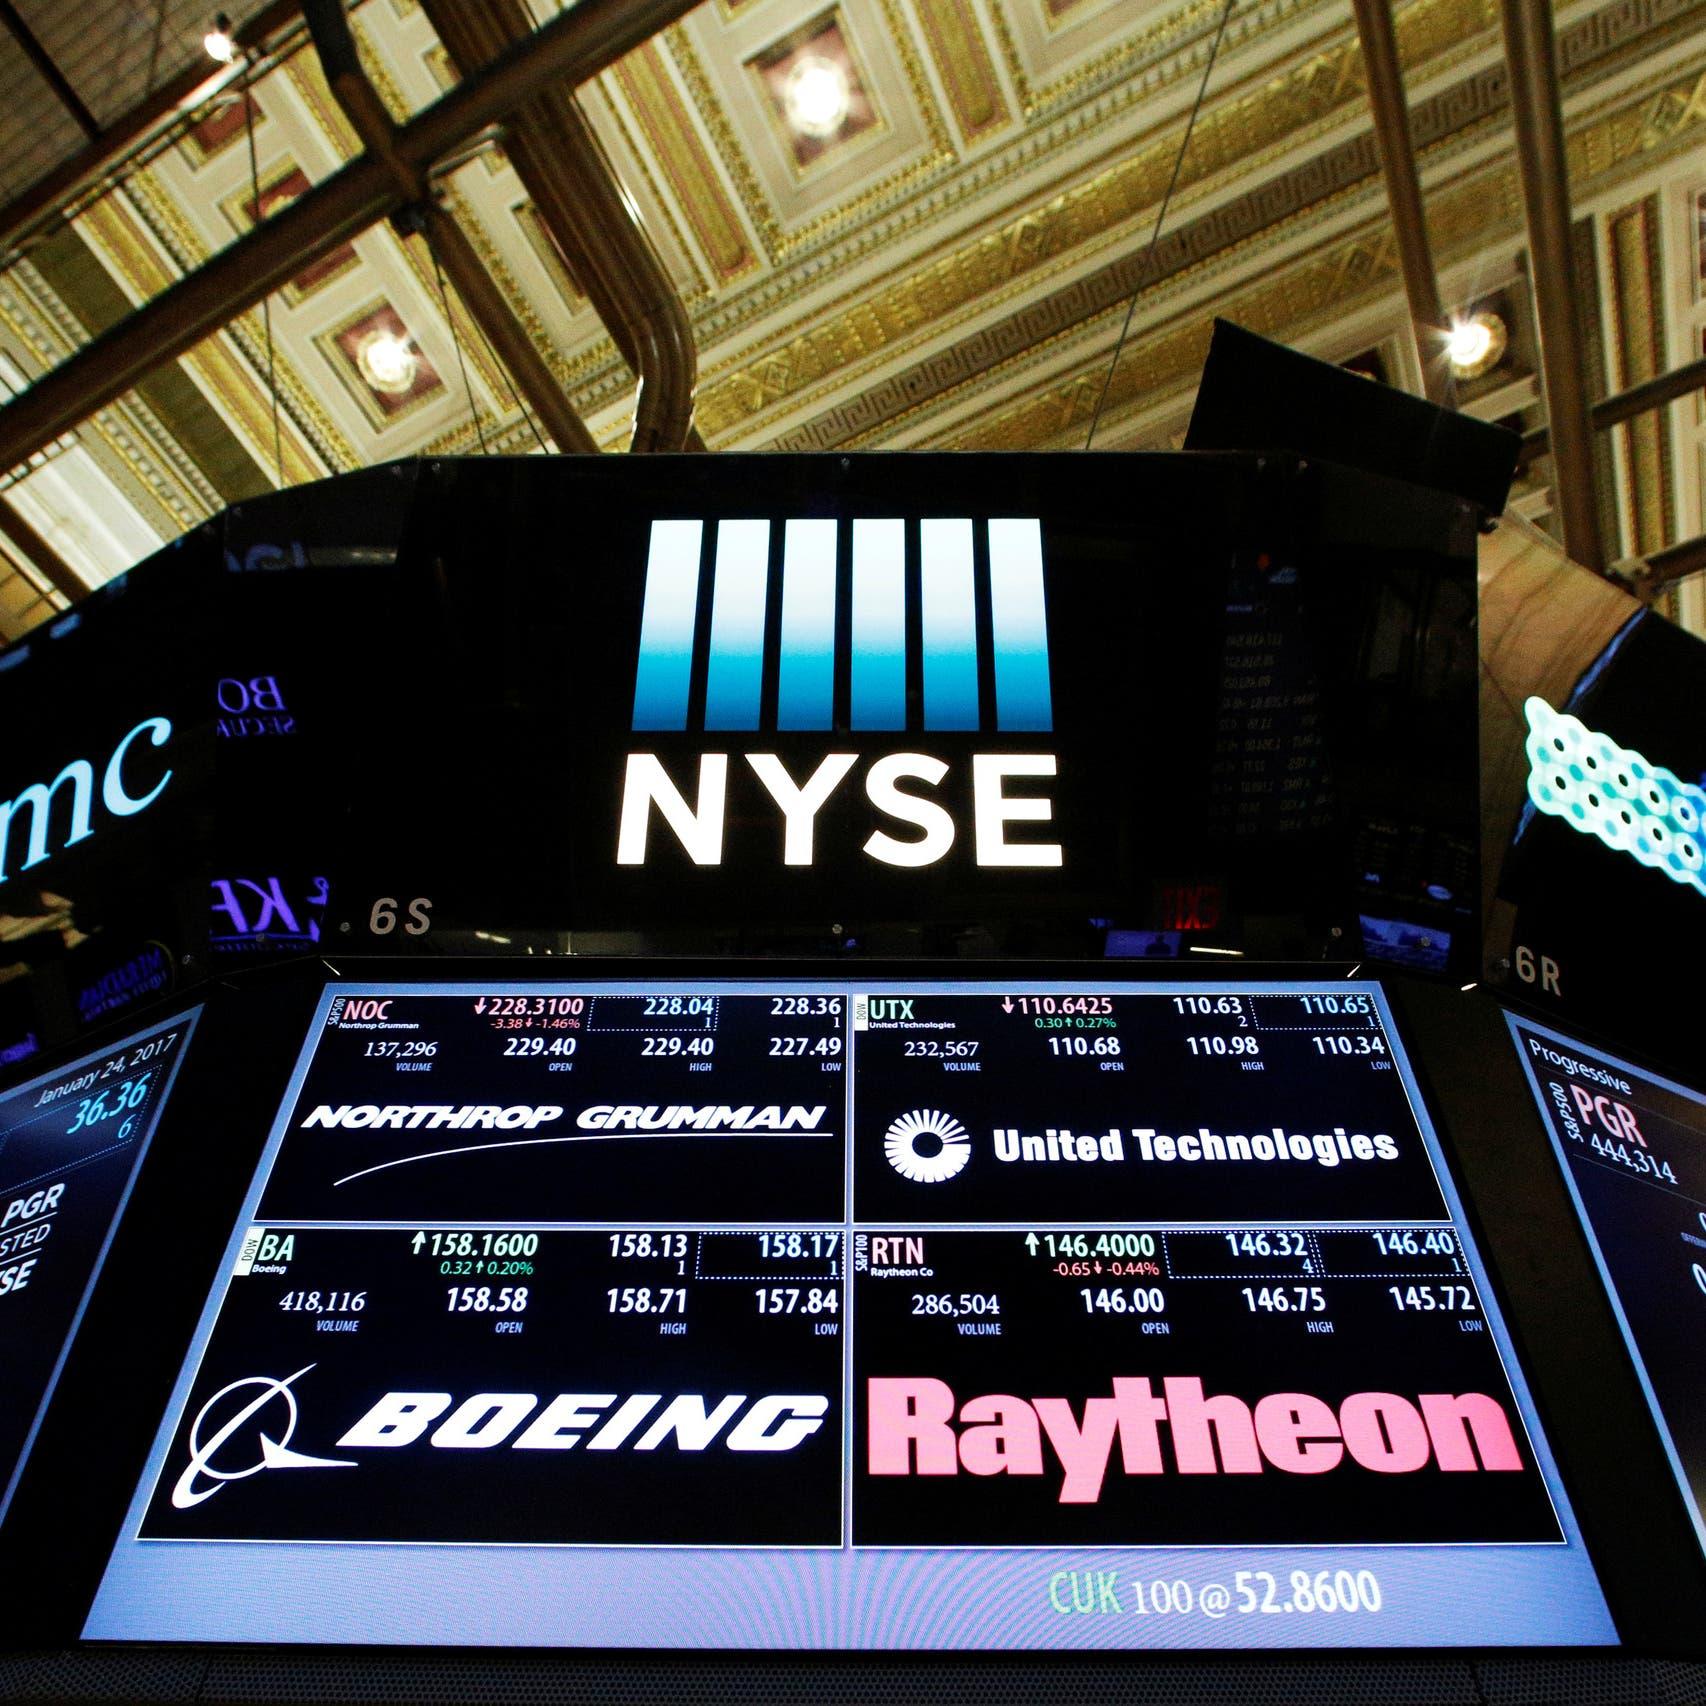 محلل: هذه أفضل سيناريوهات تفضلها أسواق الأسهم للانتخابات الأميركية